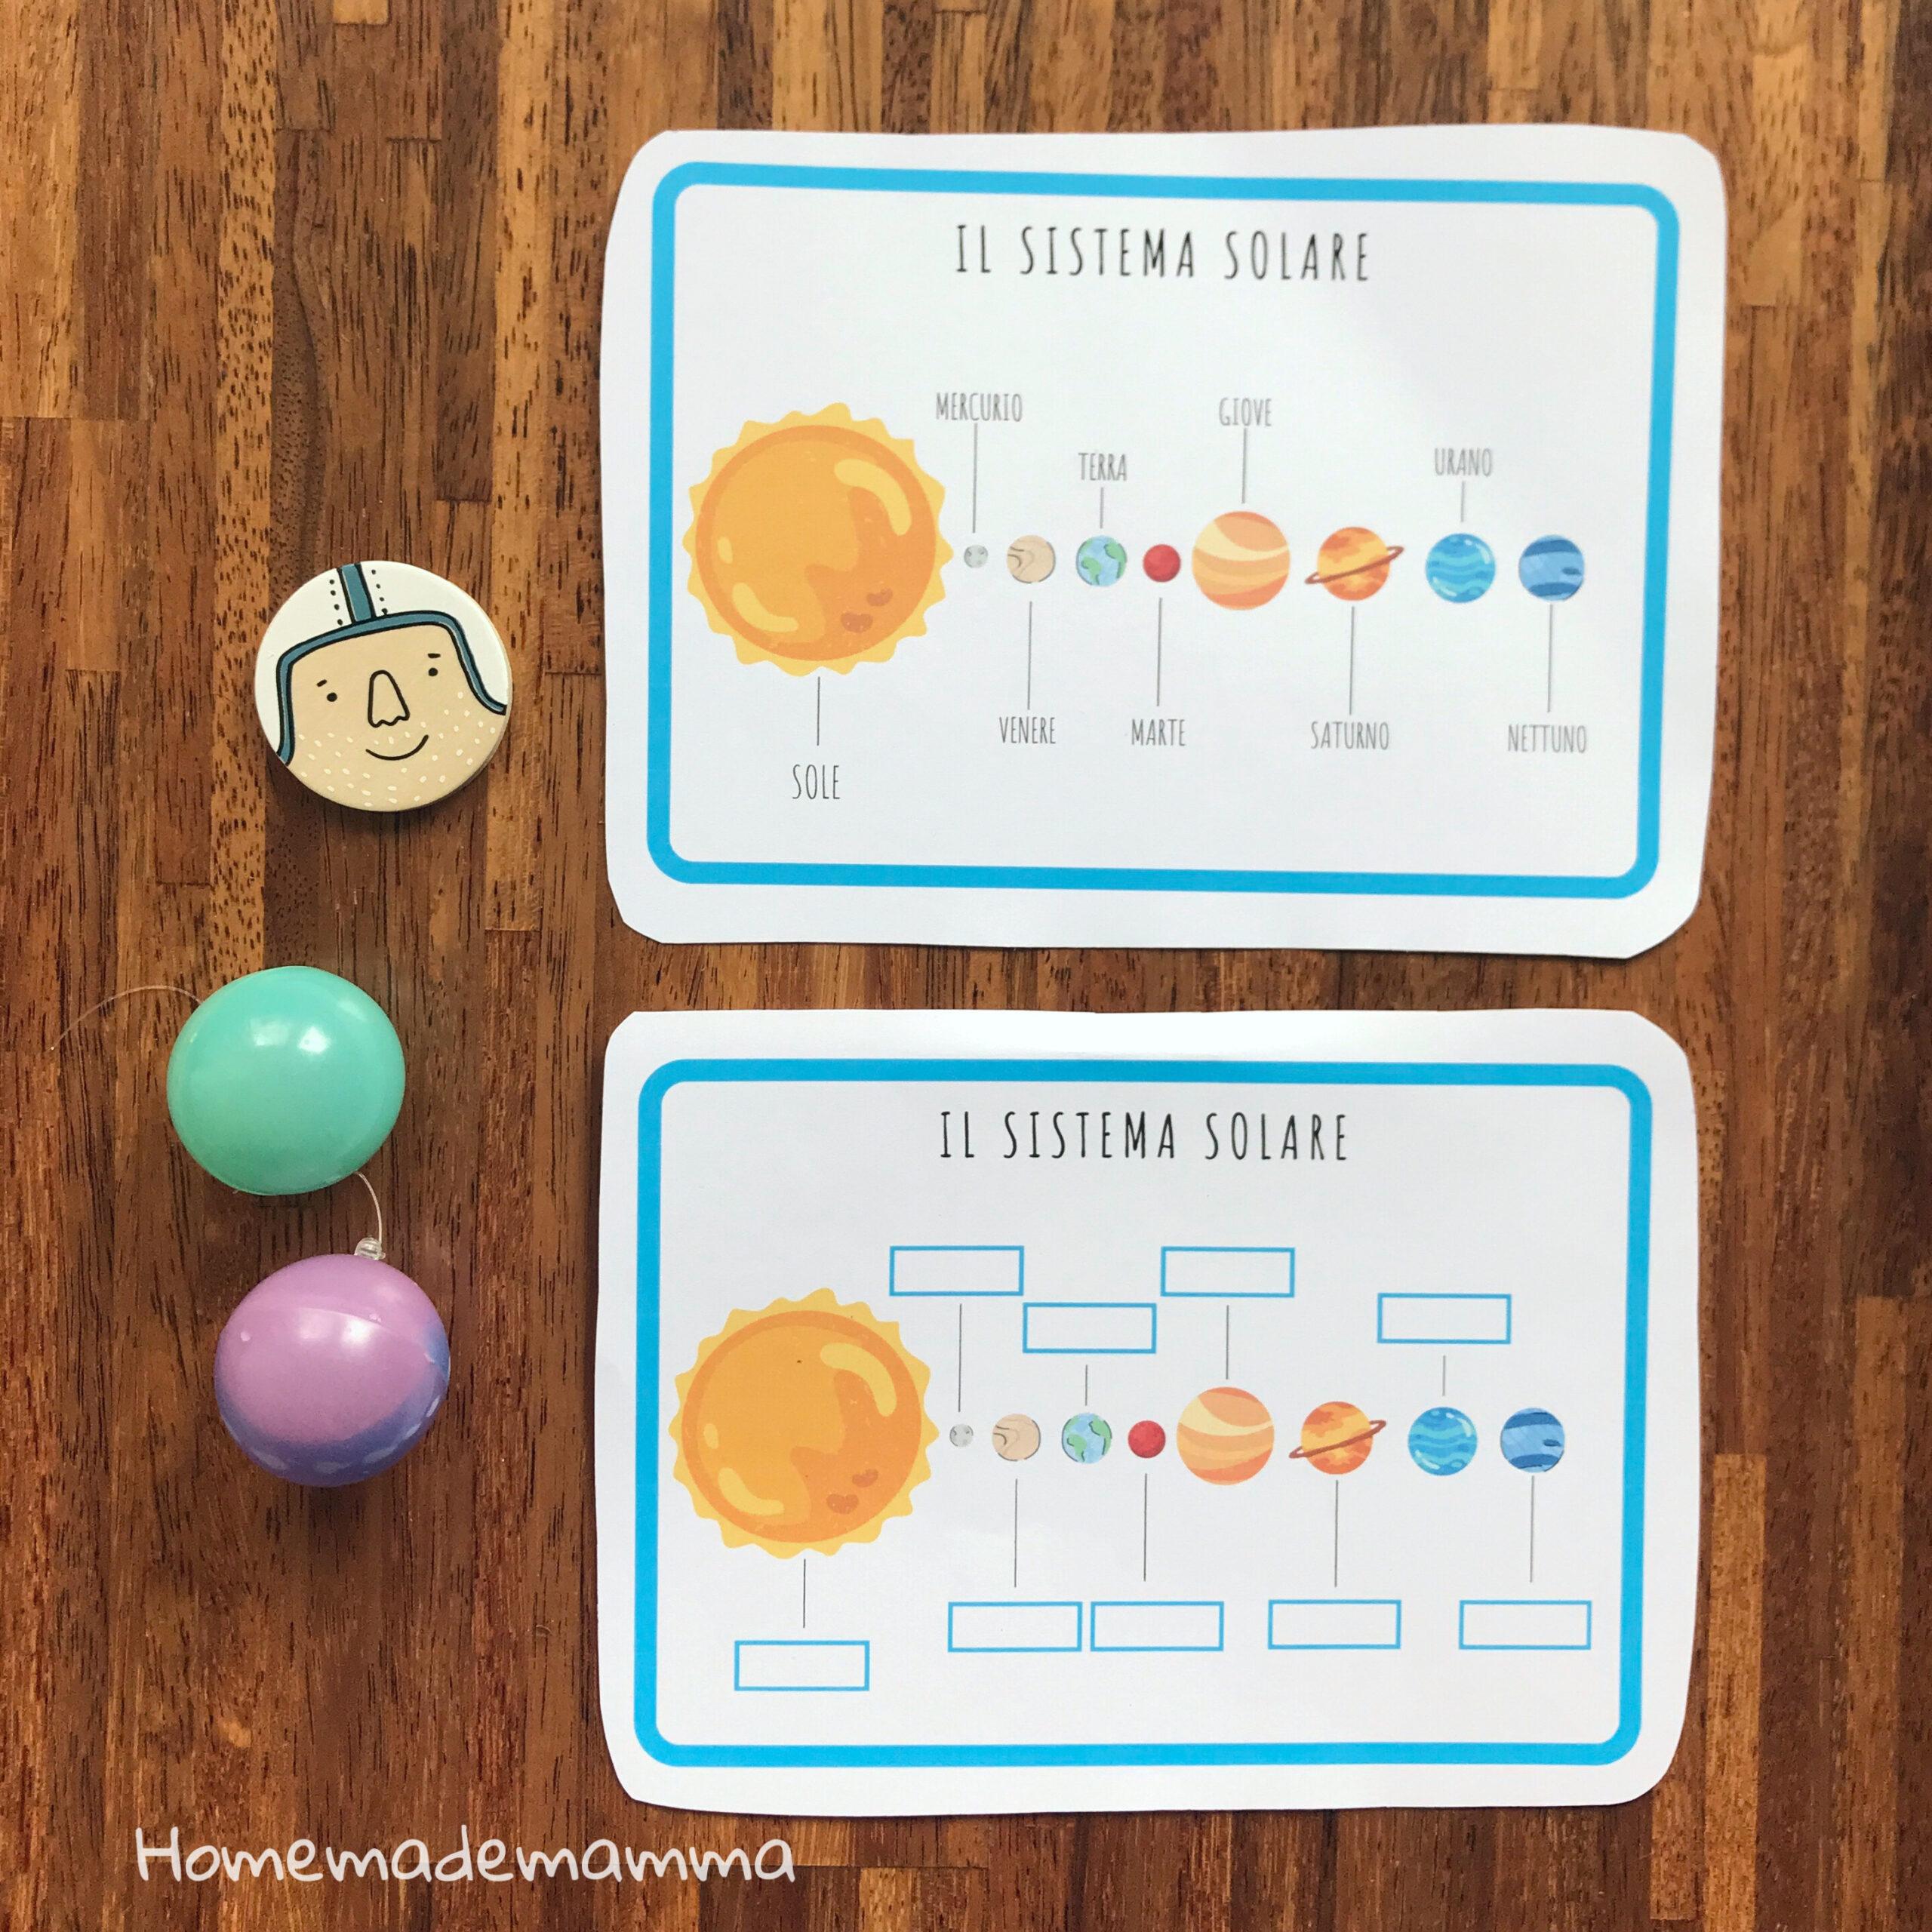 scheda stampare sul sistema solare scuola primaria